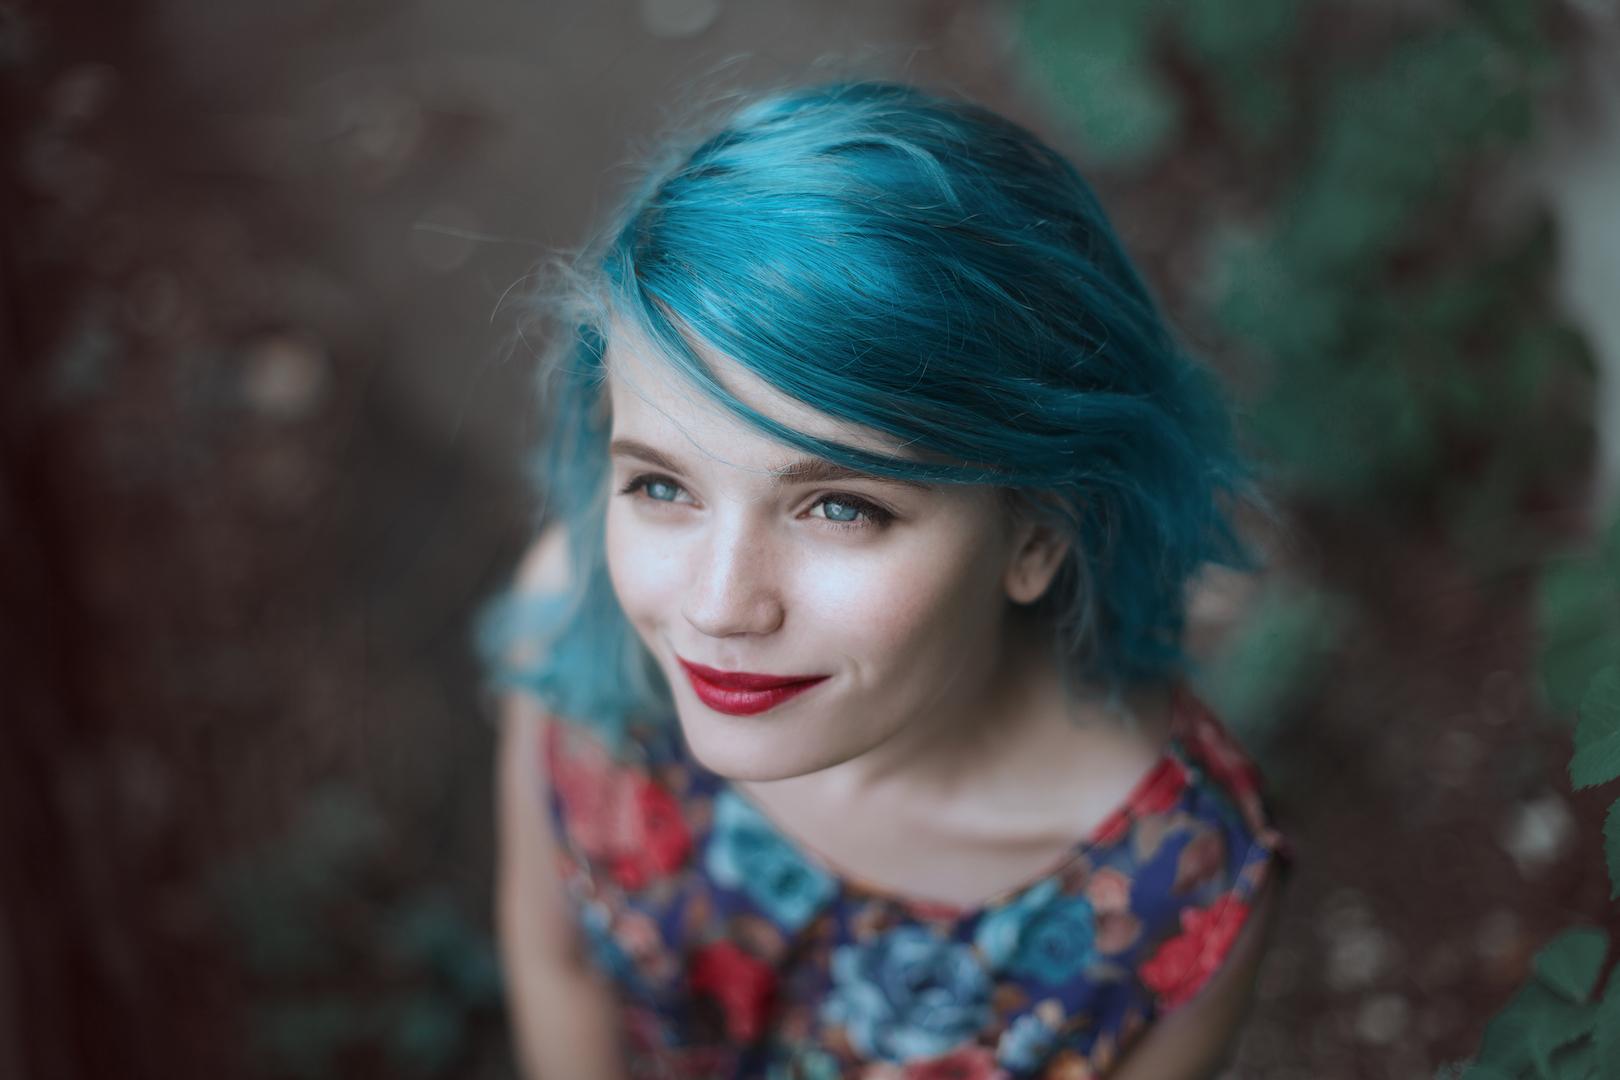 Tutto il fascino del blu Bondi Photo Shutterstock